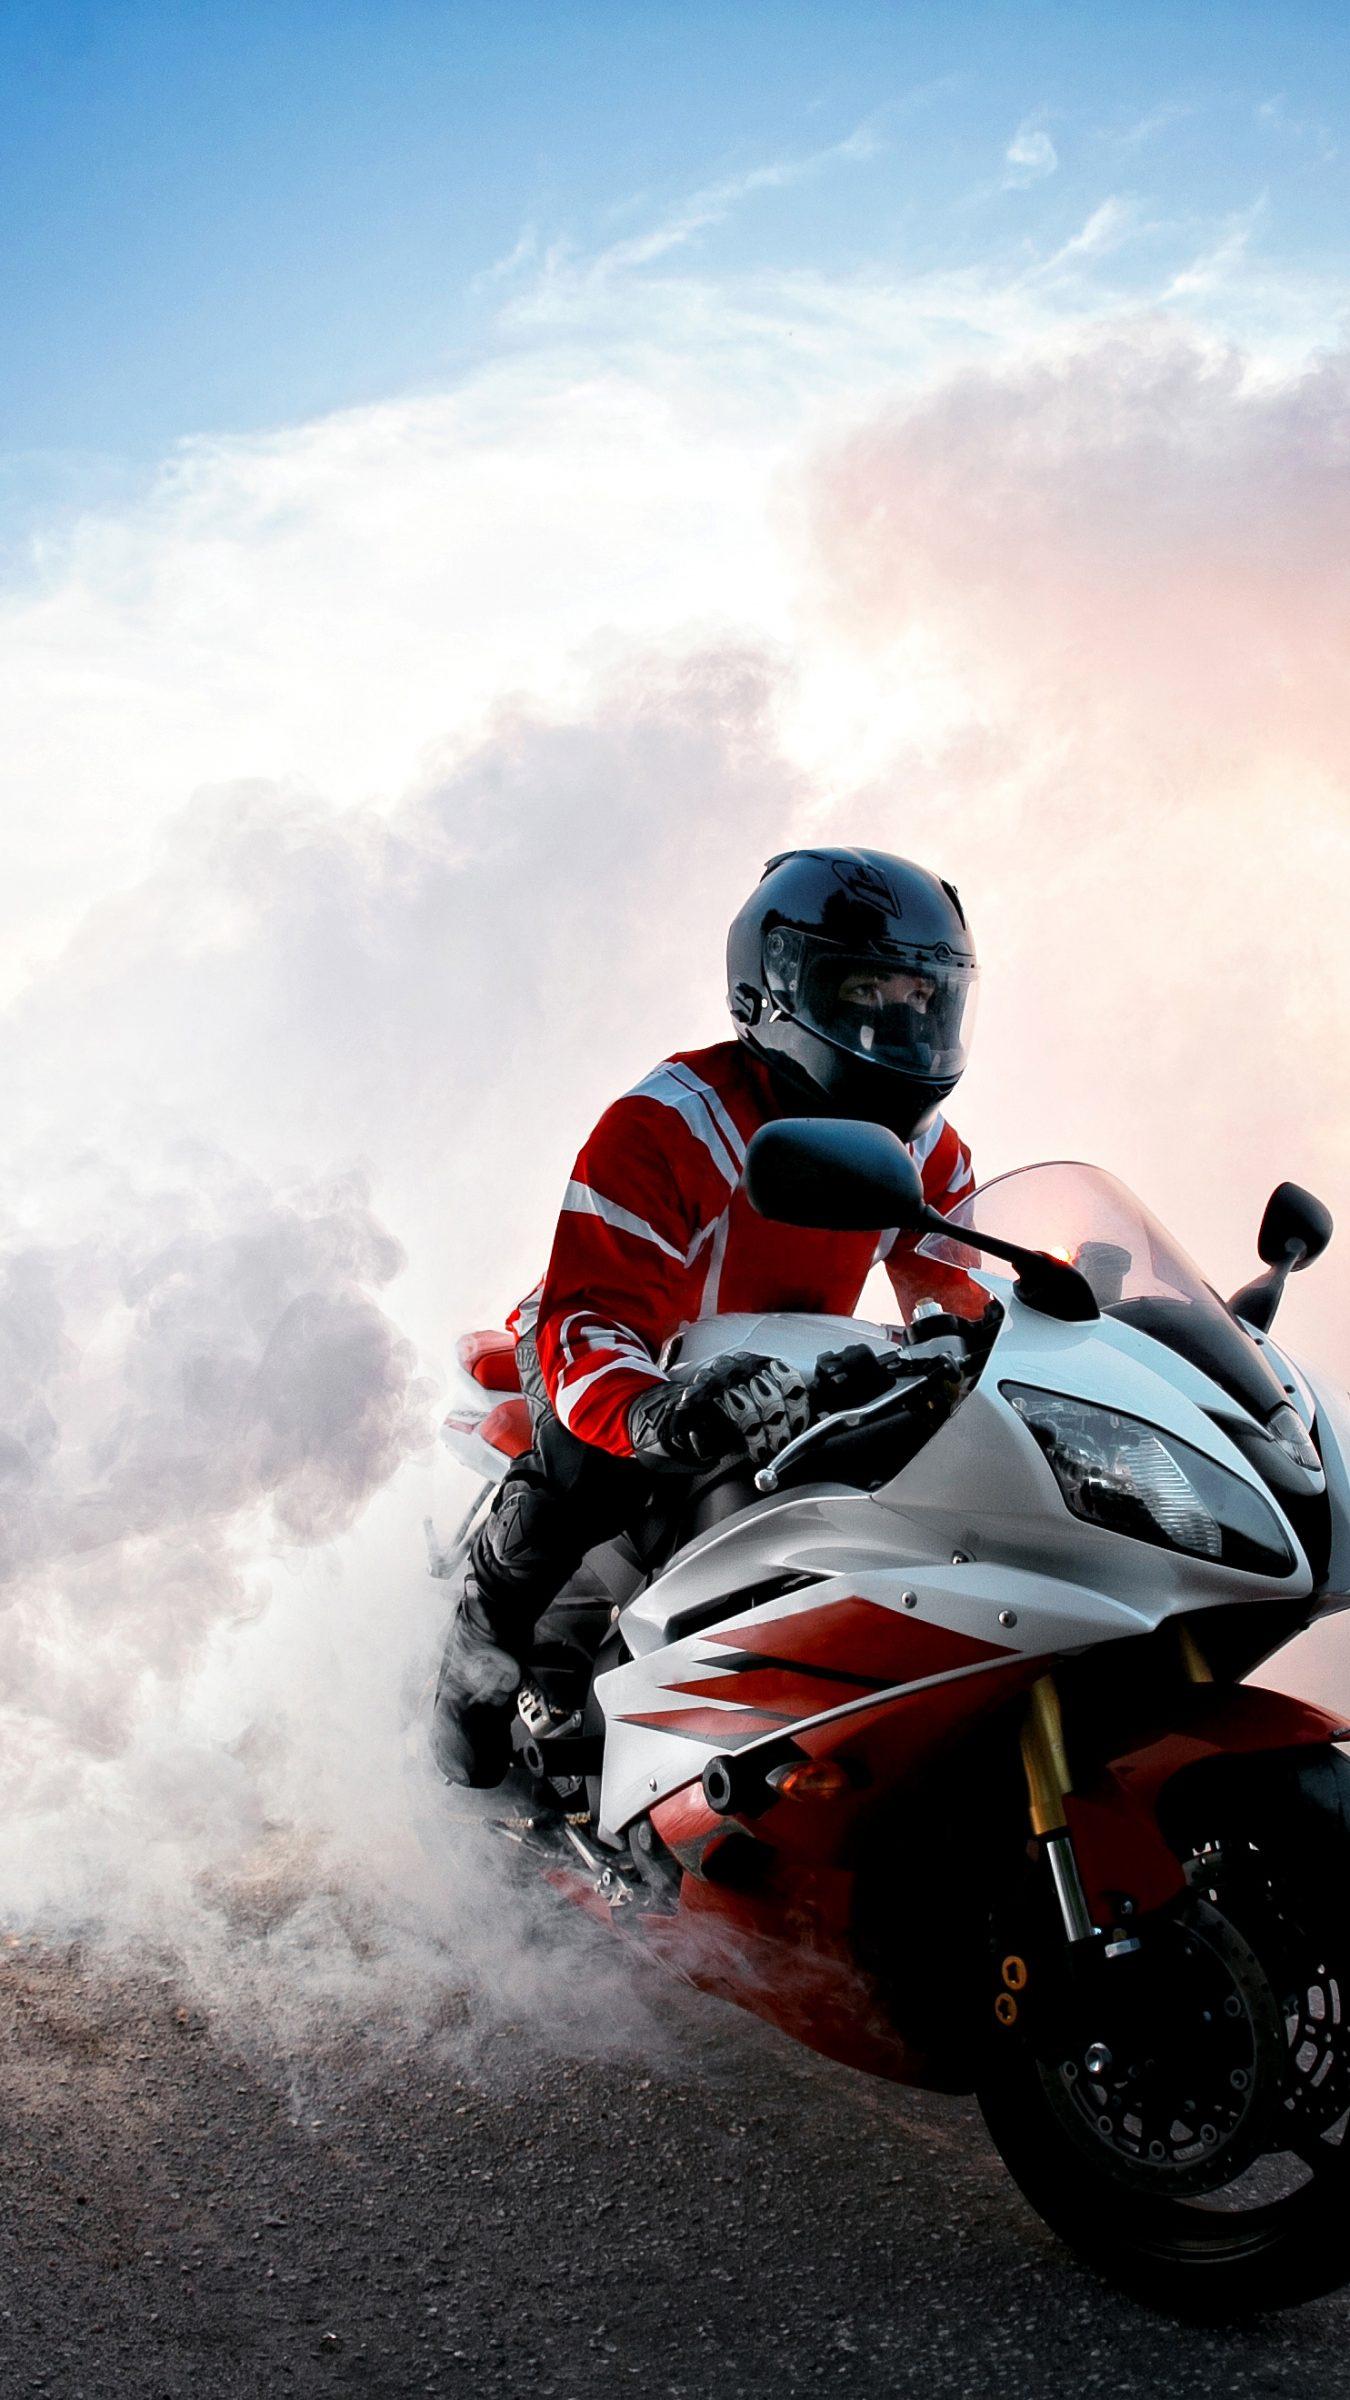 Biker Smoke Red Bike Road 4K Wallpaper - Best Wallpapers